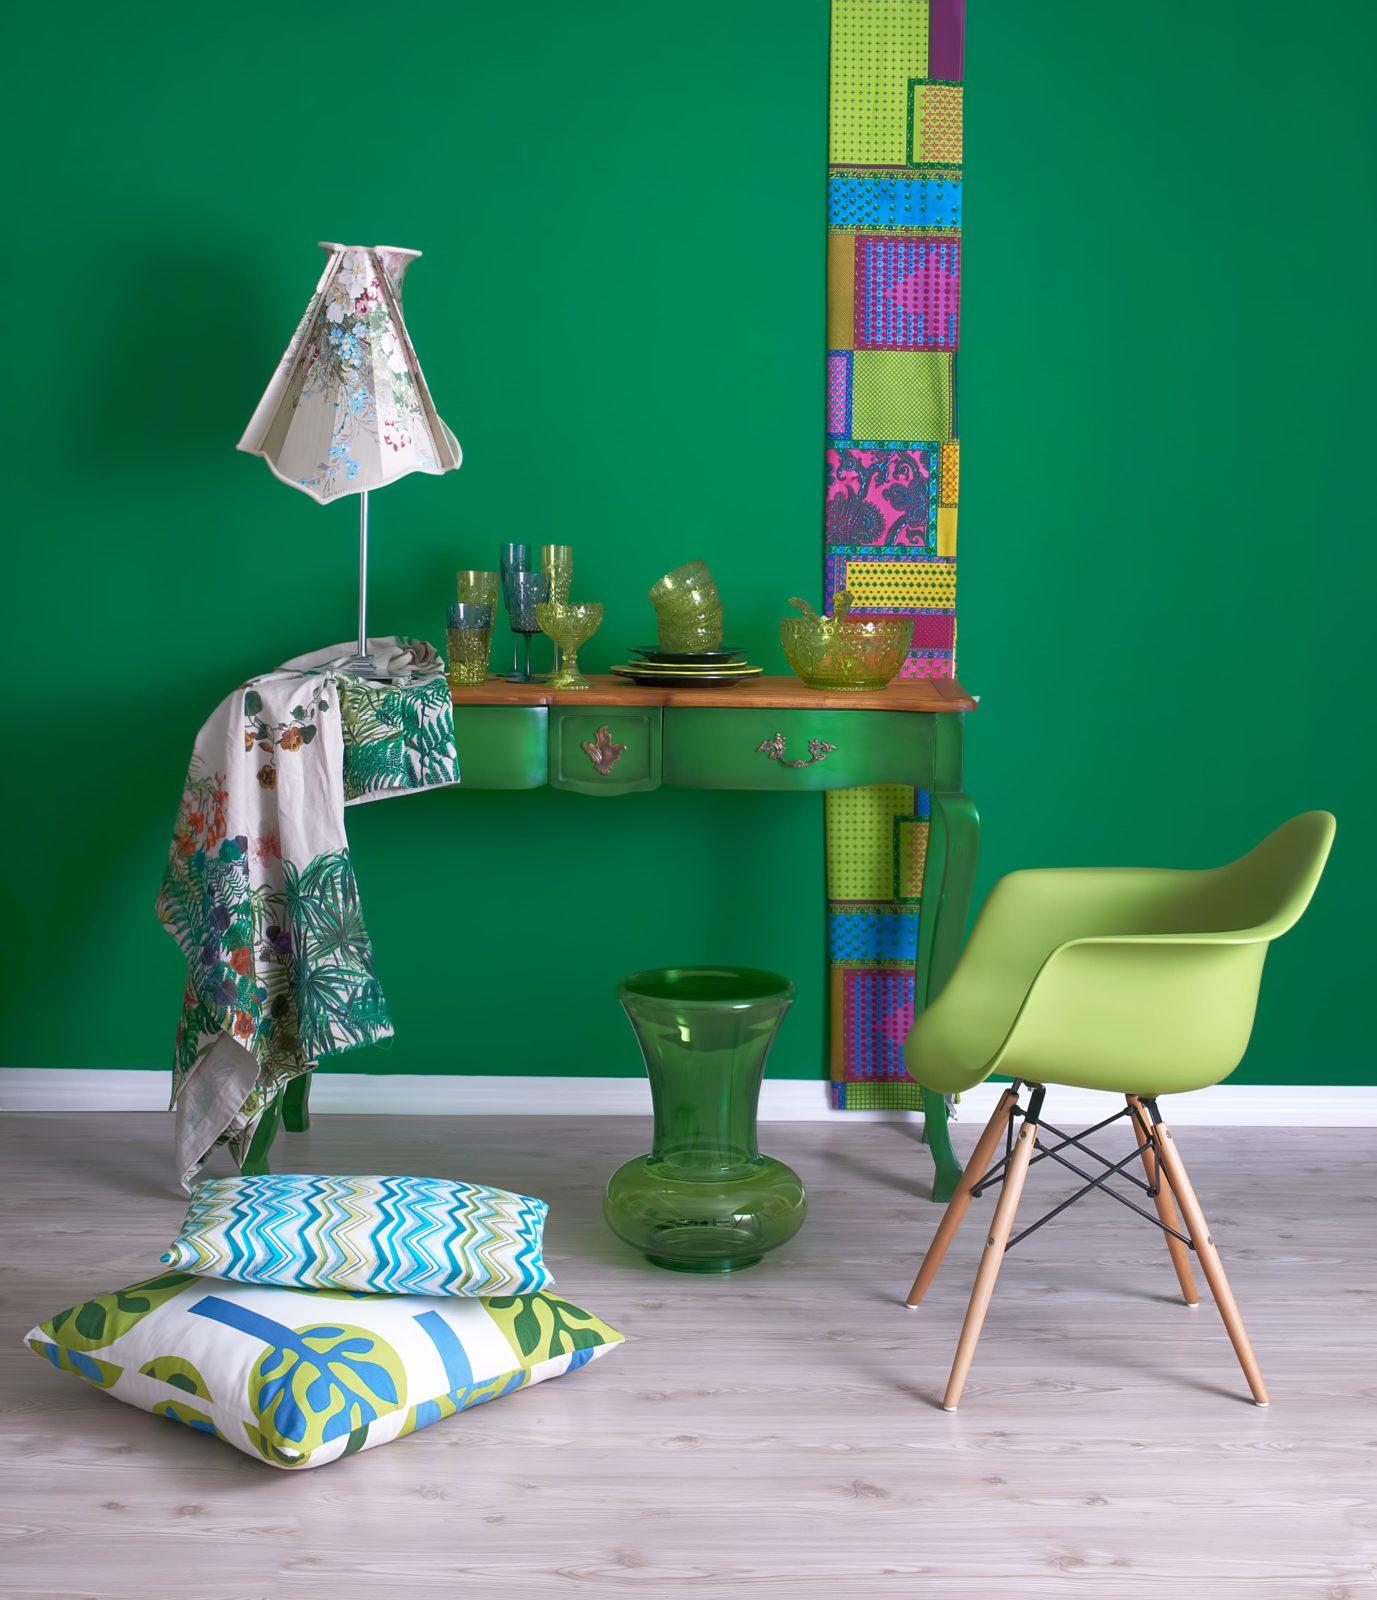 Les Couleurs Qui Se Marient Avec Le Vert les couleurs dans votre intérieur et leurs influences sur